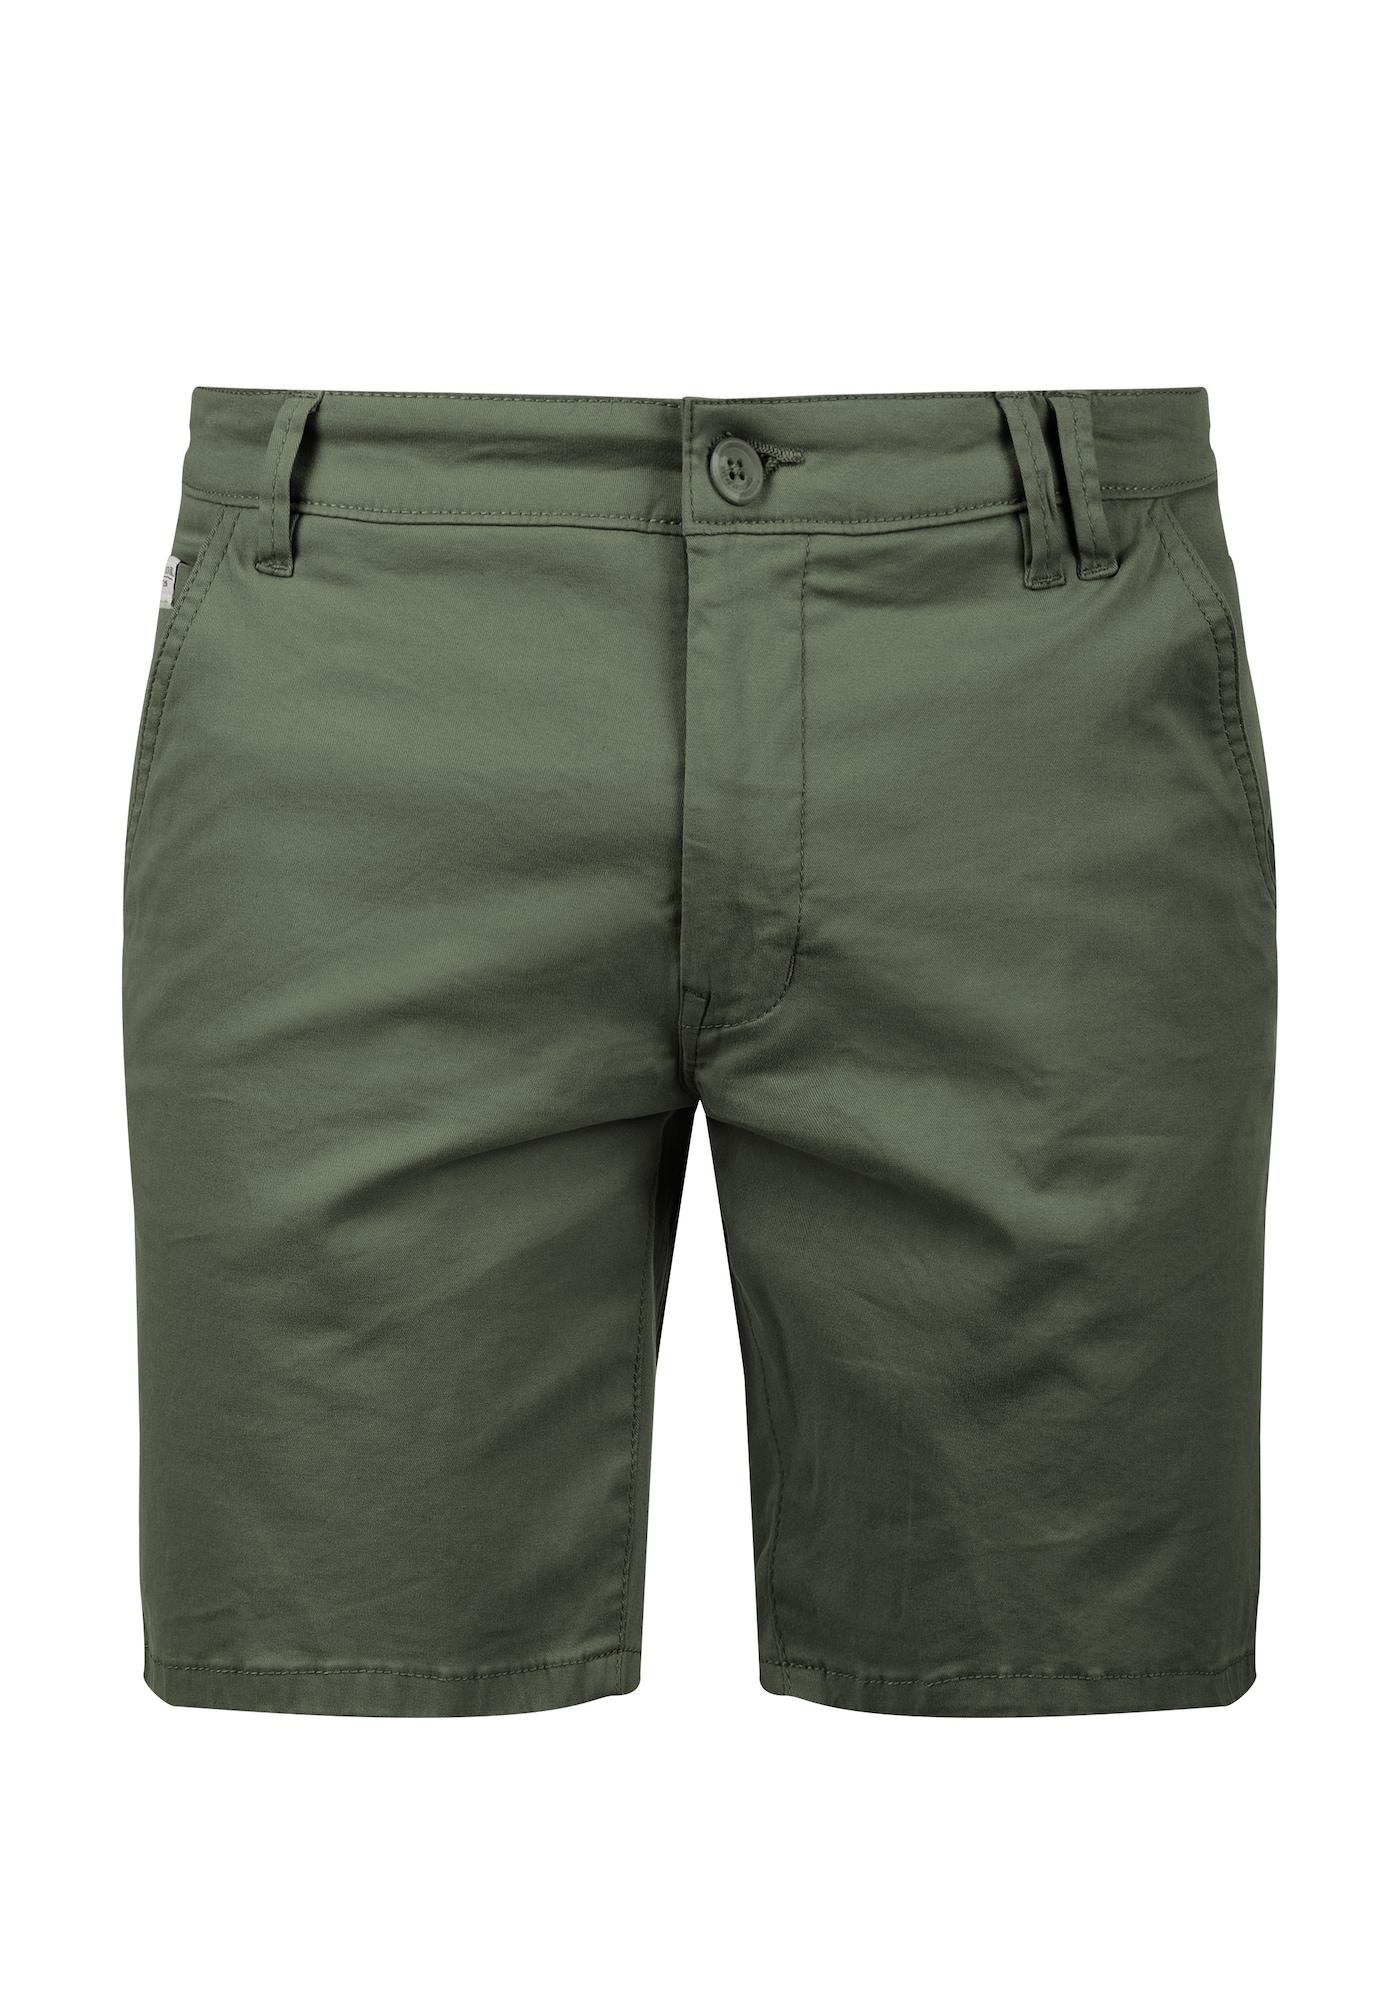 Chinoshorts 'Montero'   Bekleidung > Shorts & Bermudas > Shorts   SHINE ORIGINAL